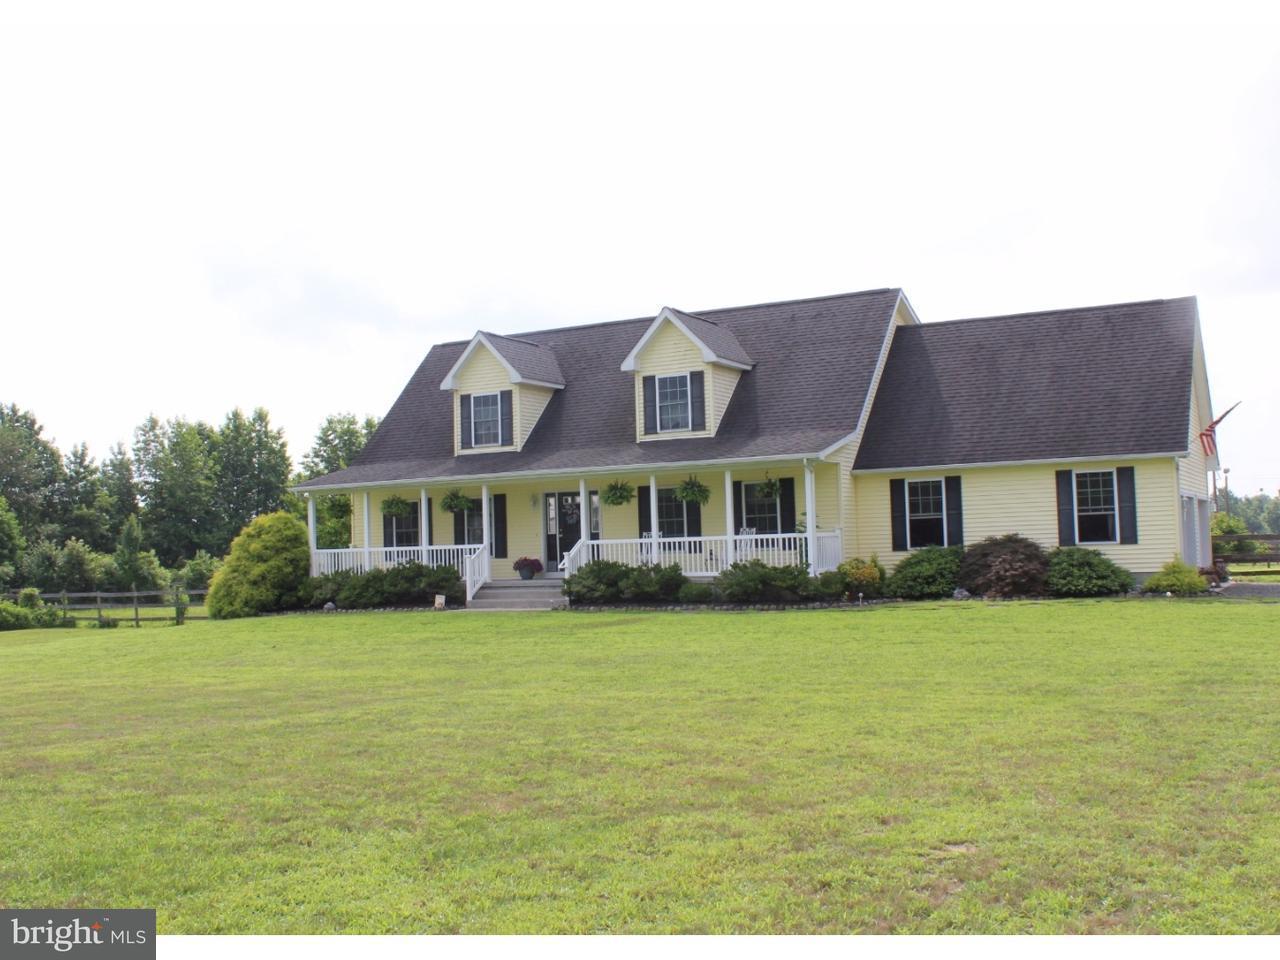 农场 为 销售 在 59 NEW Road Pedricktown, 新泽西州 08067 美国